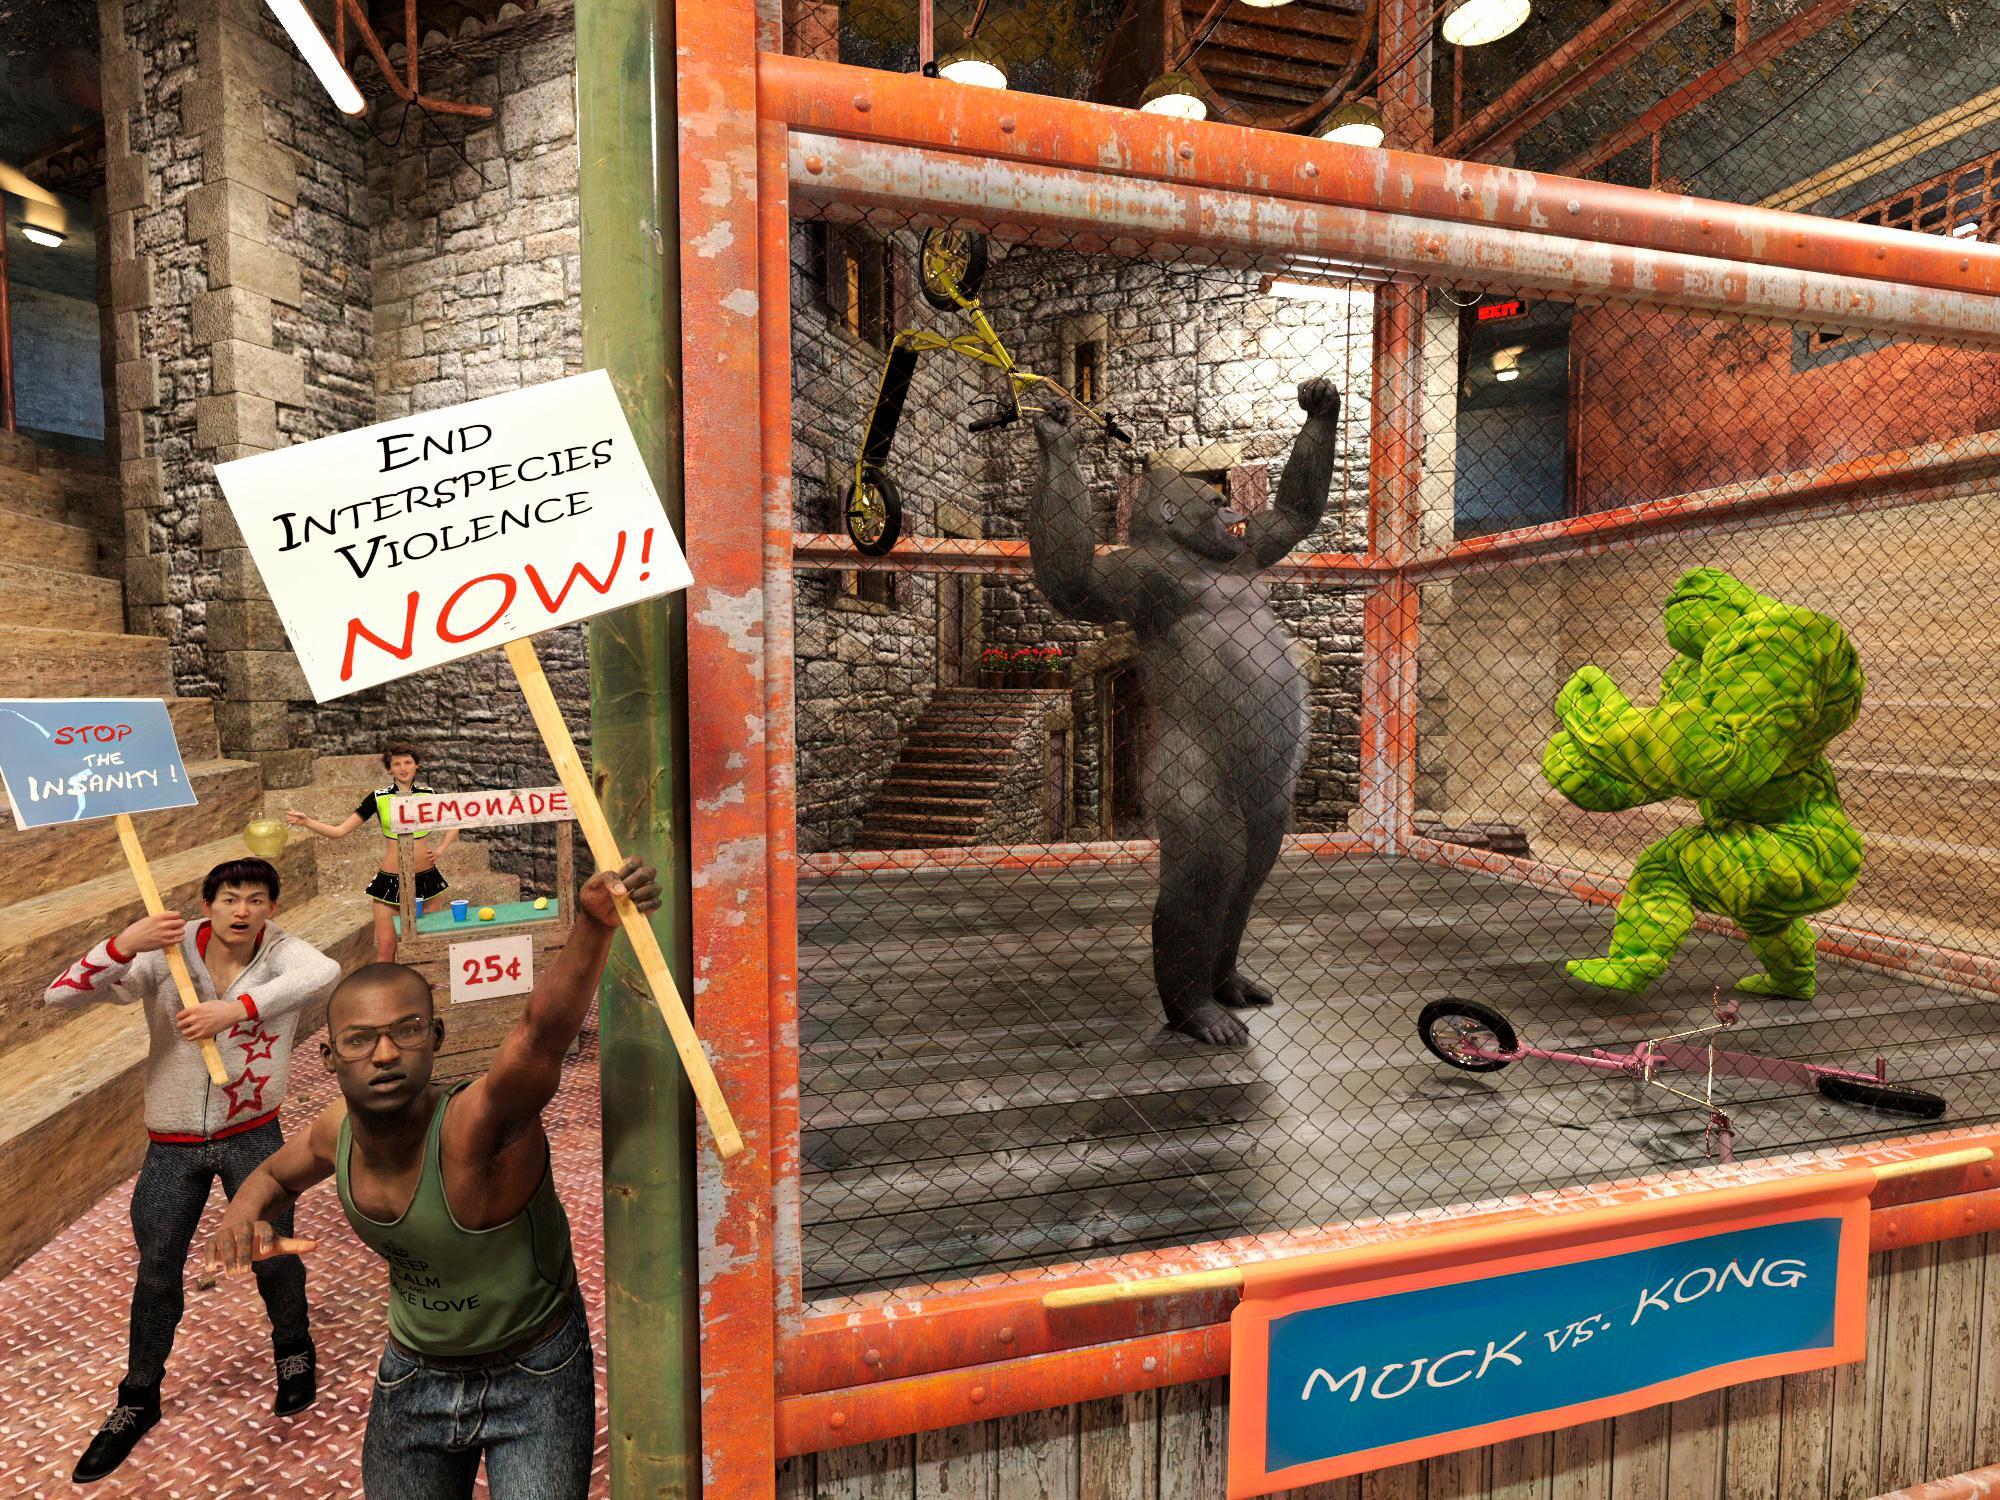 Muck vs. Kong